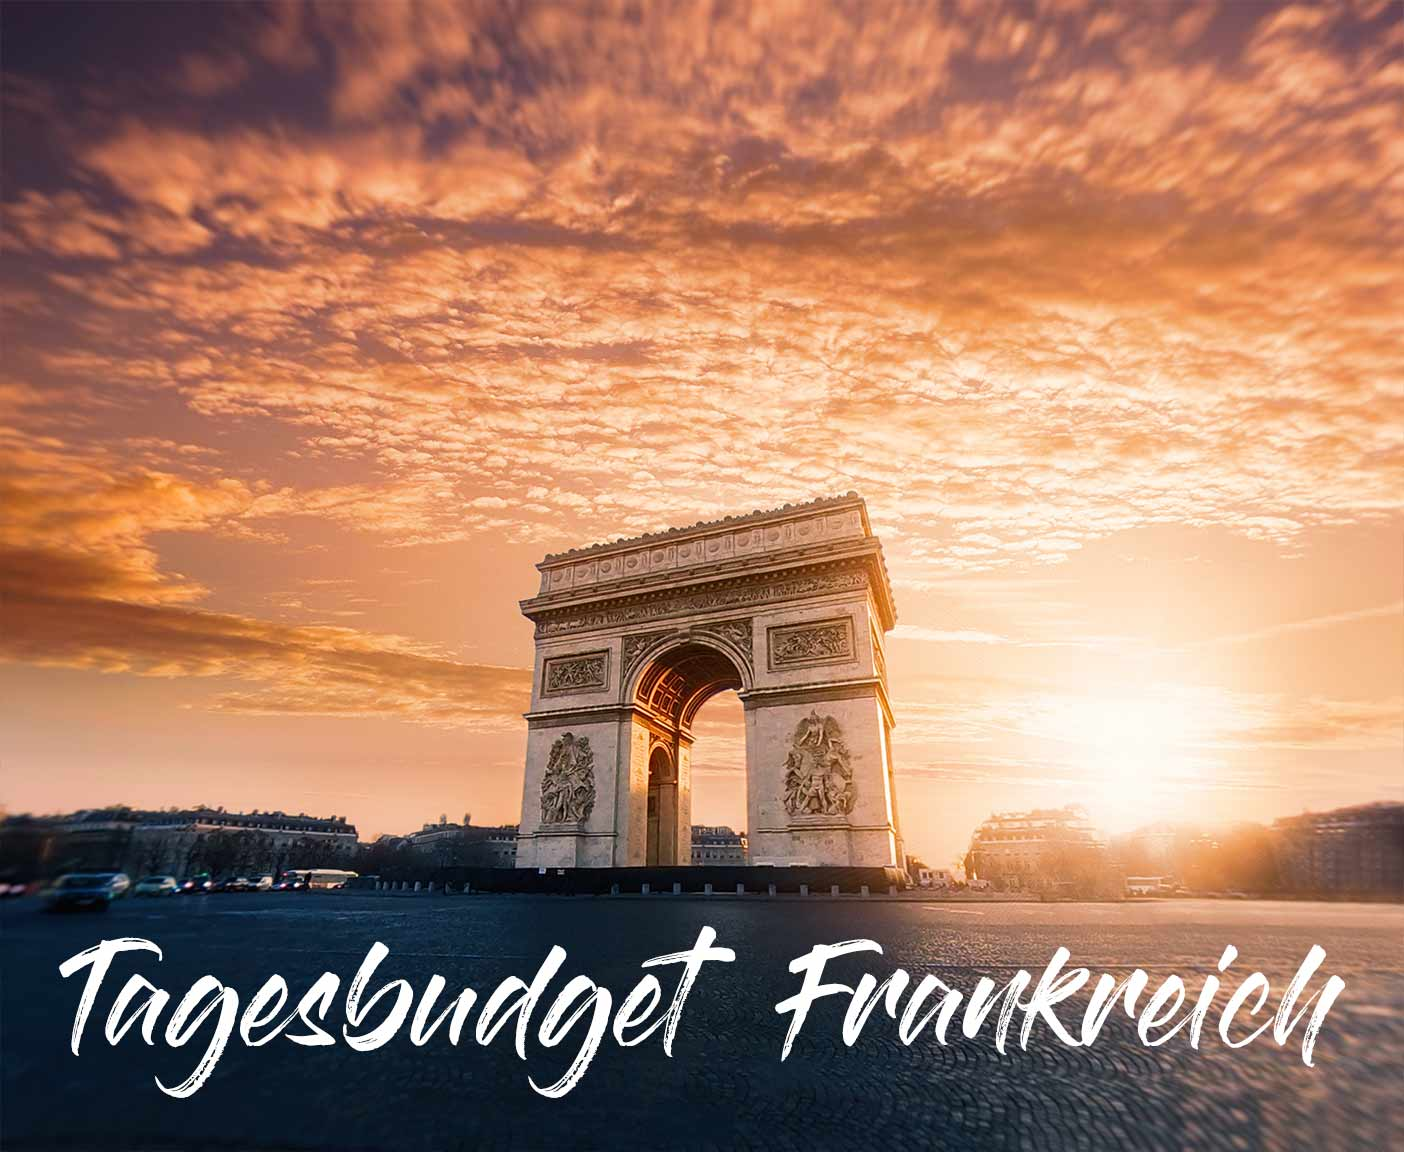 tagesbudget-frankreich-wohnmobil-was-kostet-benzin-diesel